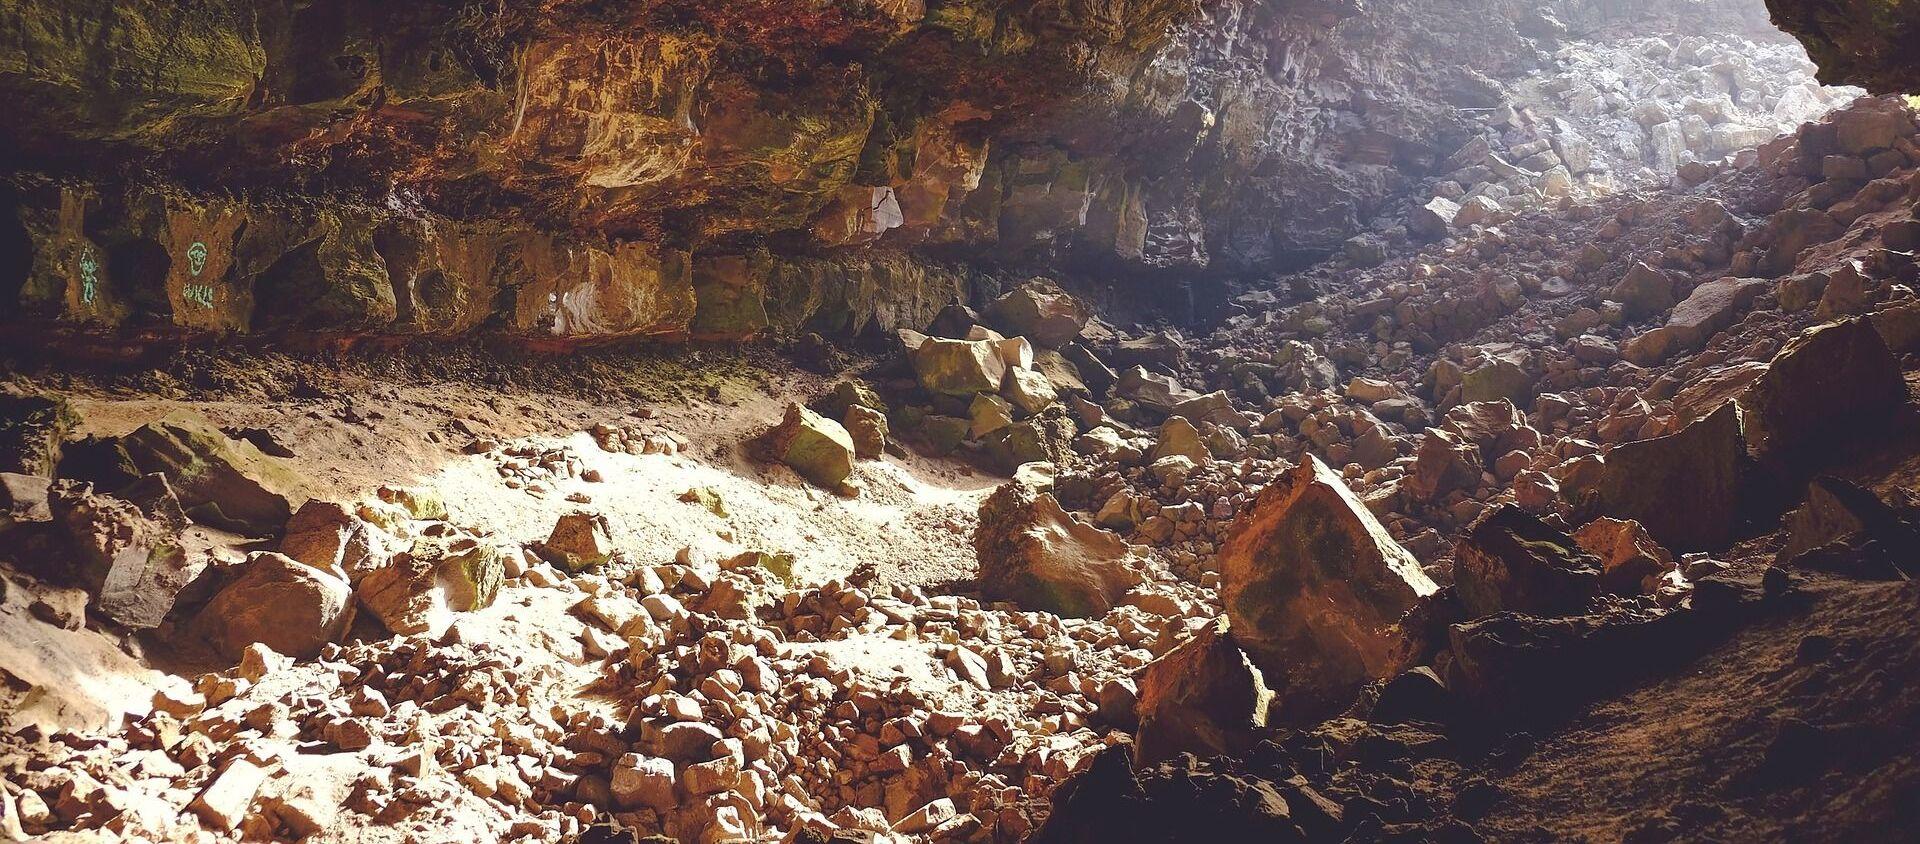 Una cueva (imagen referencial)  - Sputnik Mundo, 1920, 12.02.2020